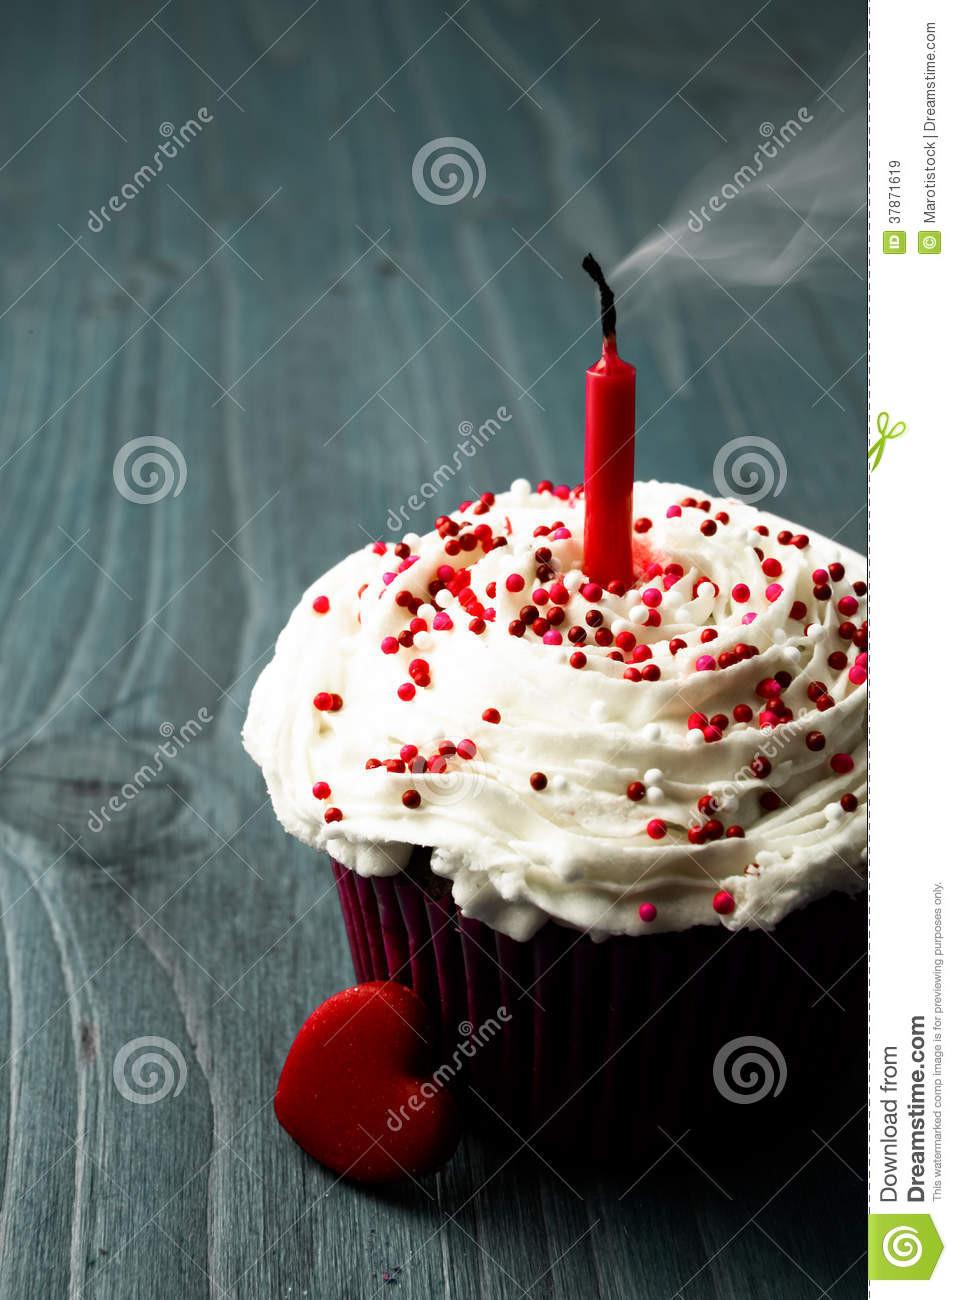 Kleiner Geburtstagskuchen  Süßer Kleiner Geburtstagskuchen Lizenzfreie Stockbilder